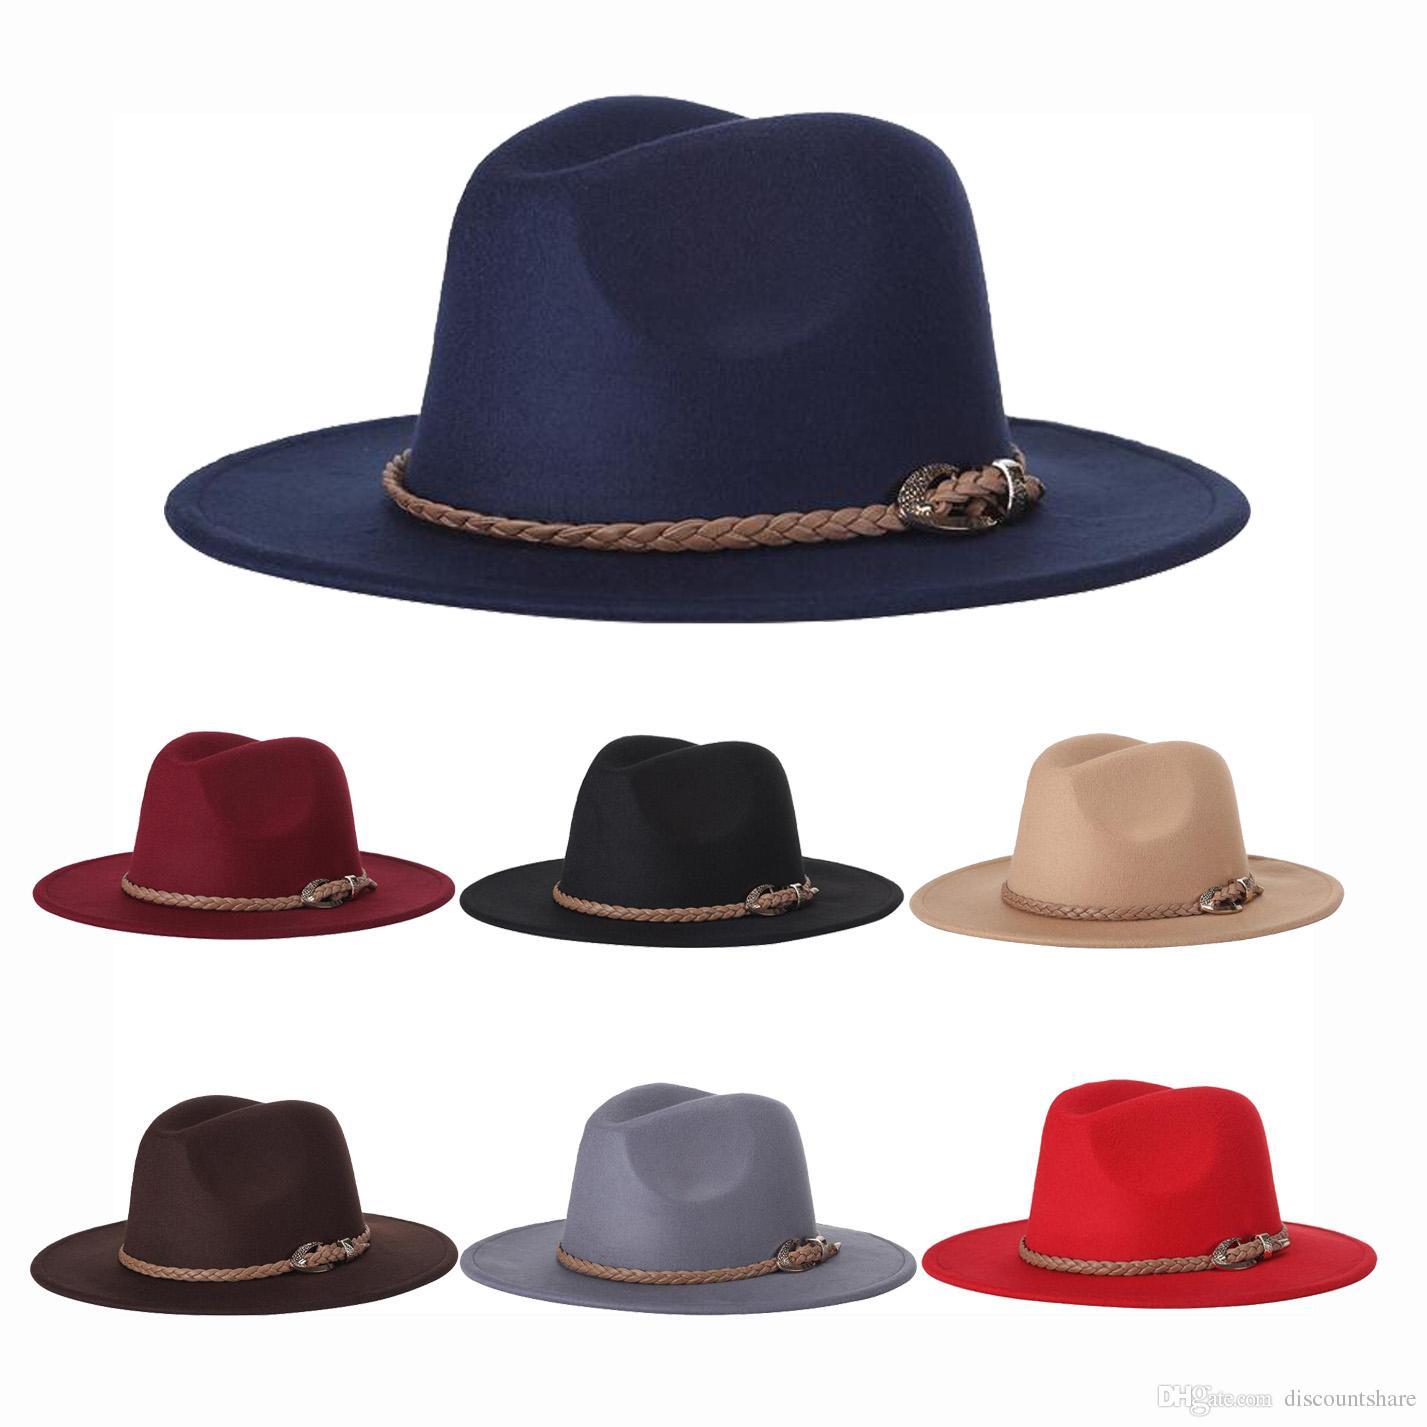 cf495b9509a0 Unisex otoño invierno trenza de paja ancho borde grande vaquero jazz  sombrero de fieltro